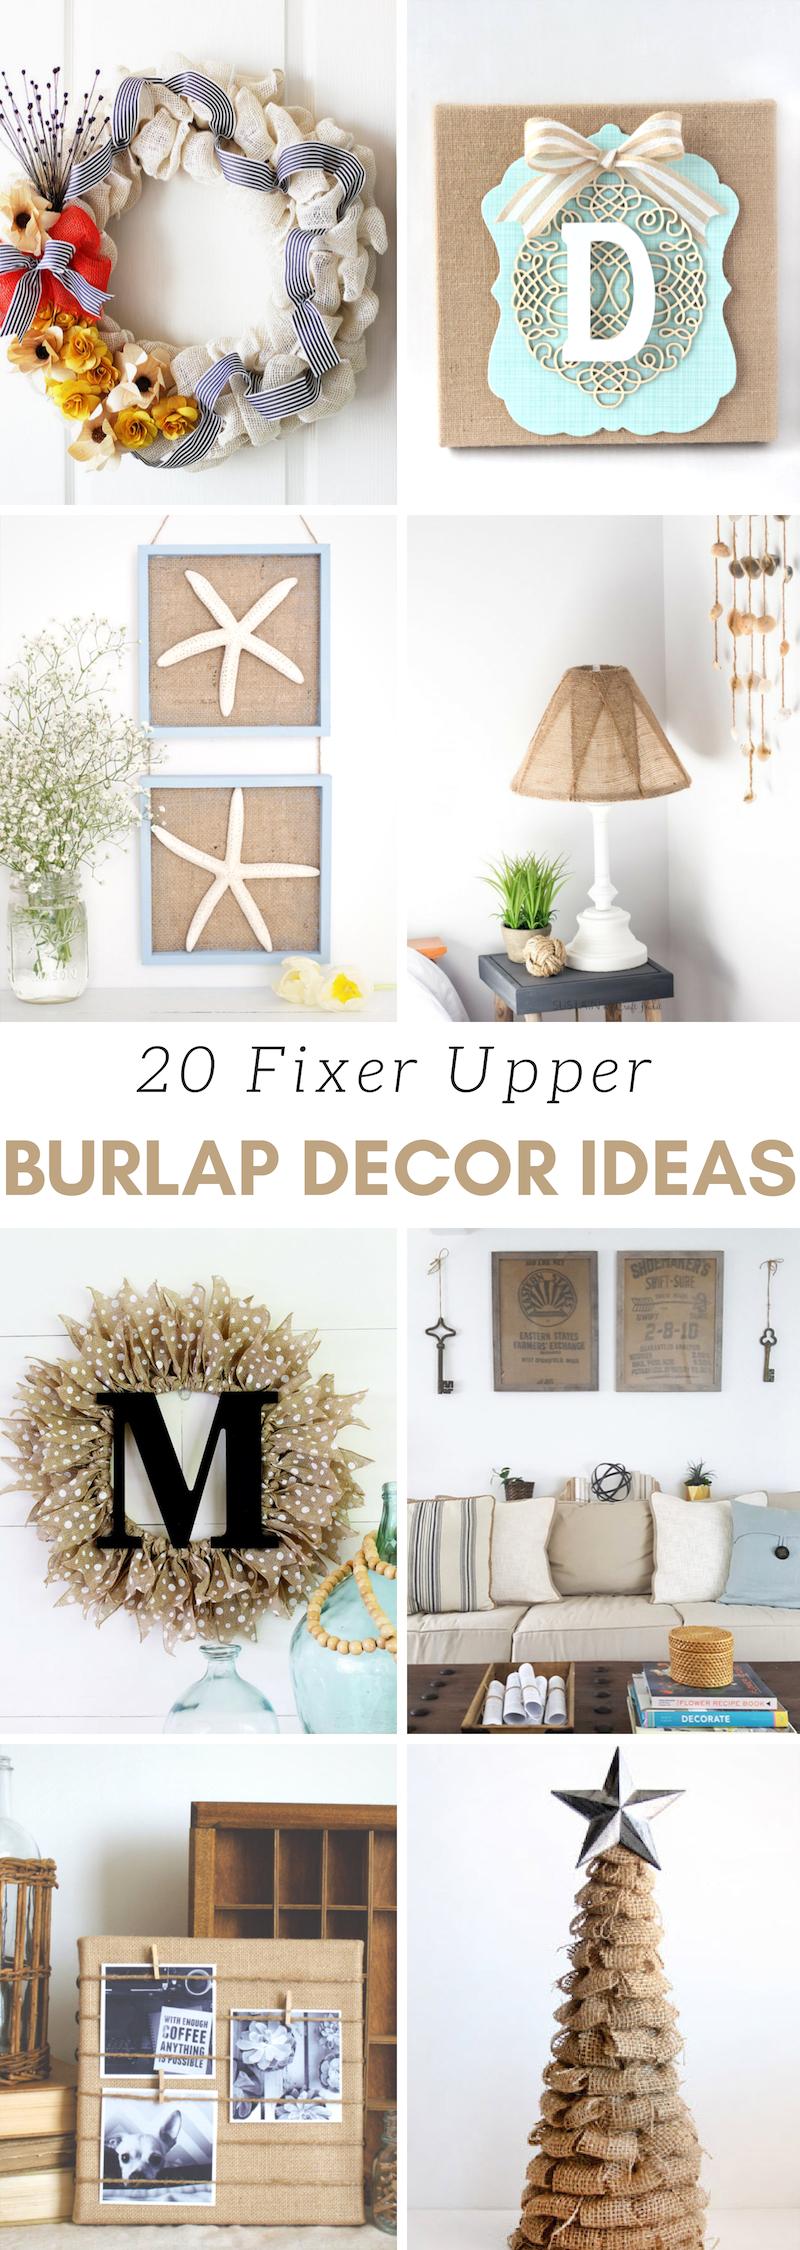 Fixer Upper Burlap Decor Ideas